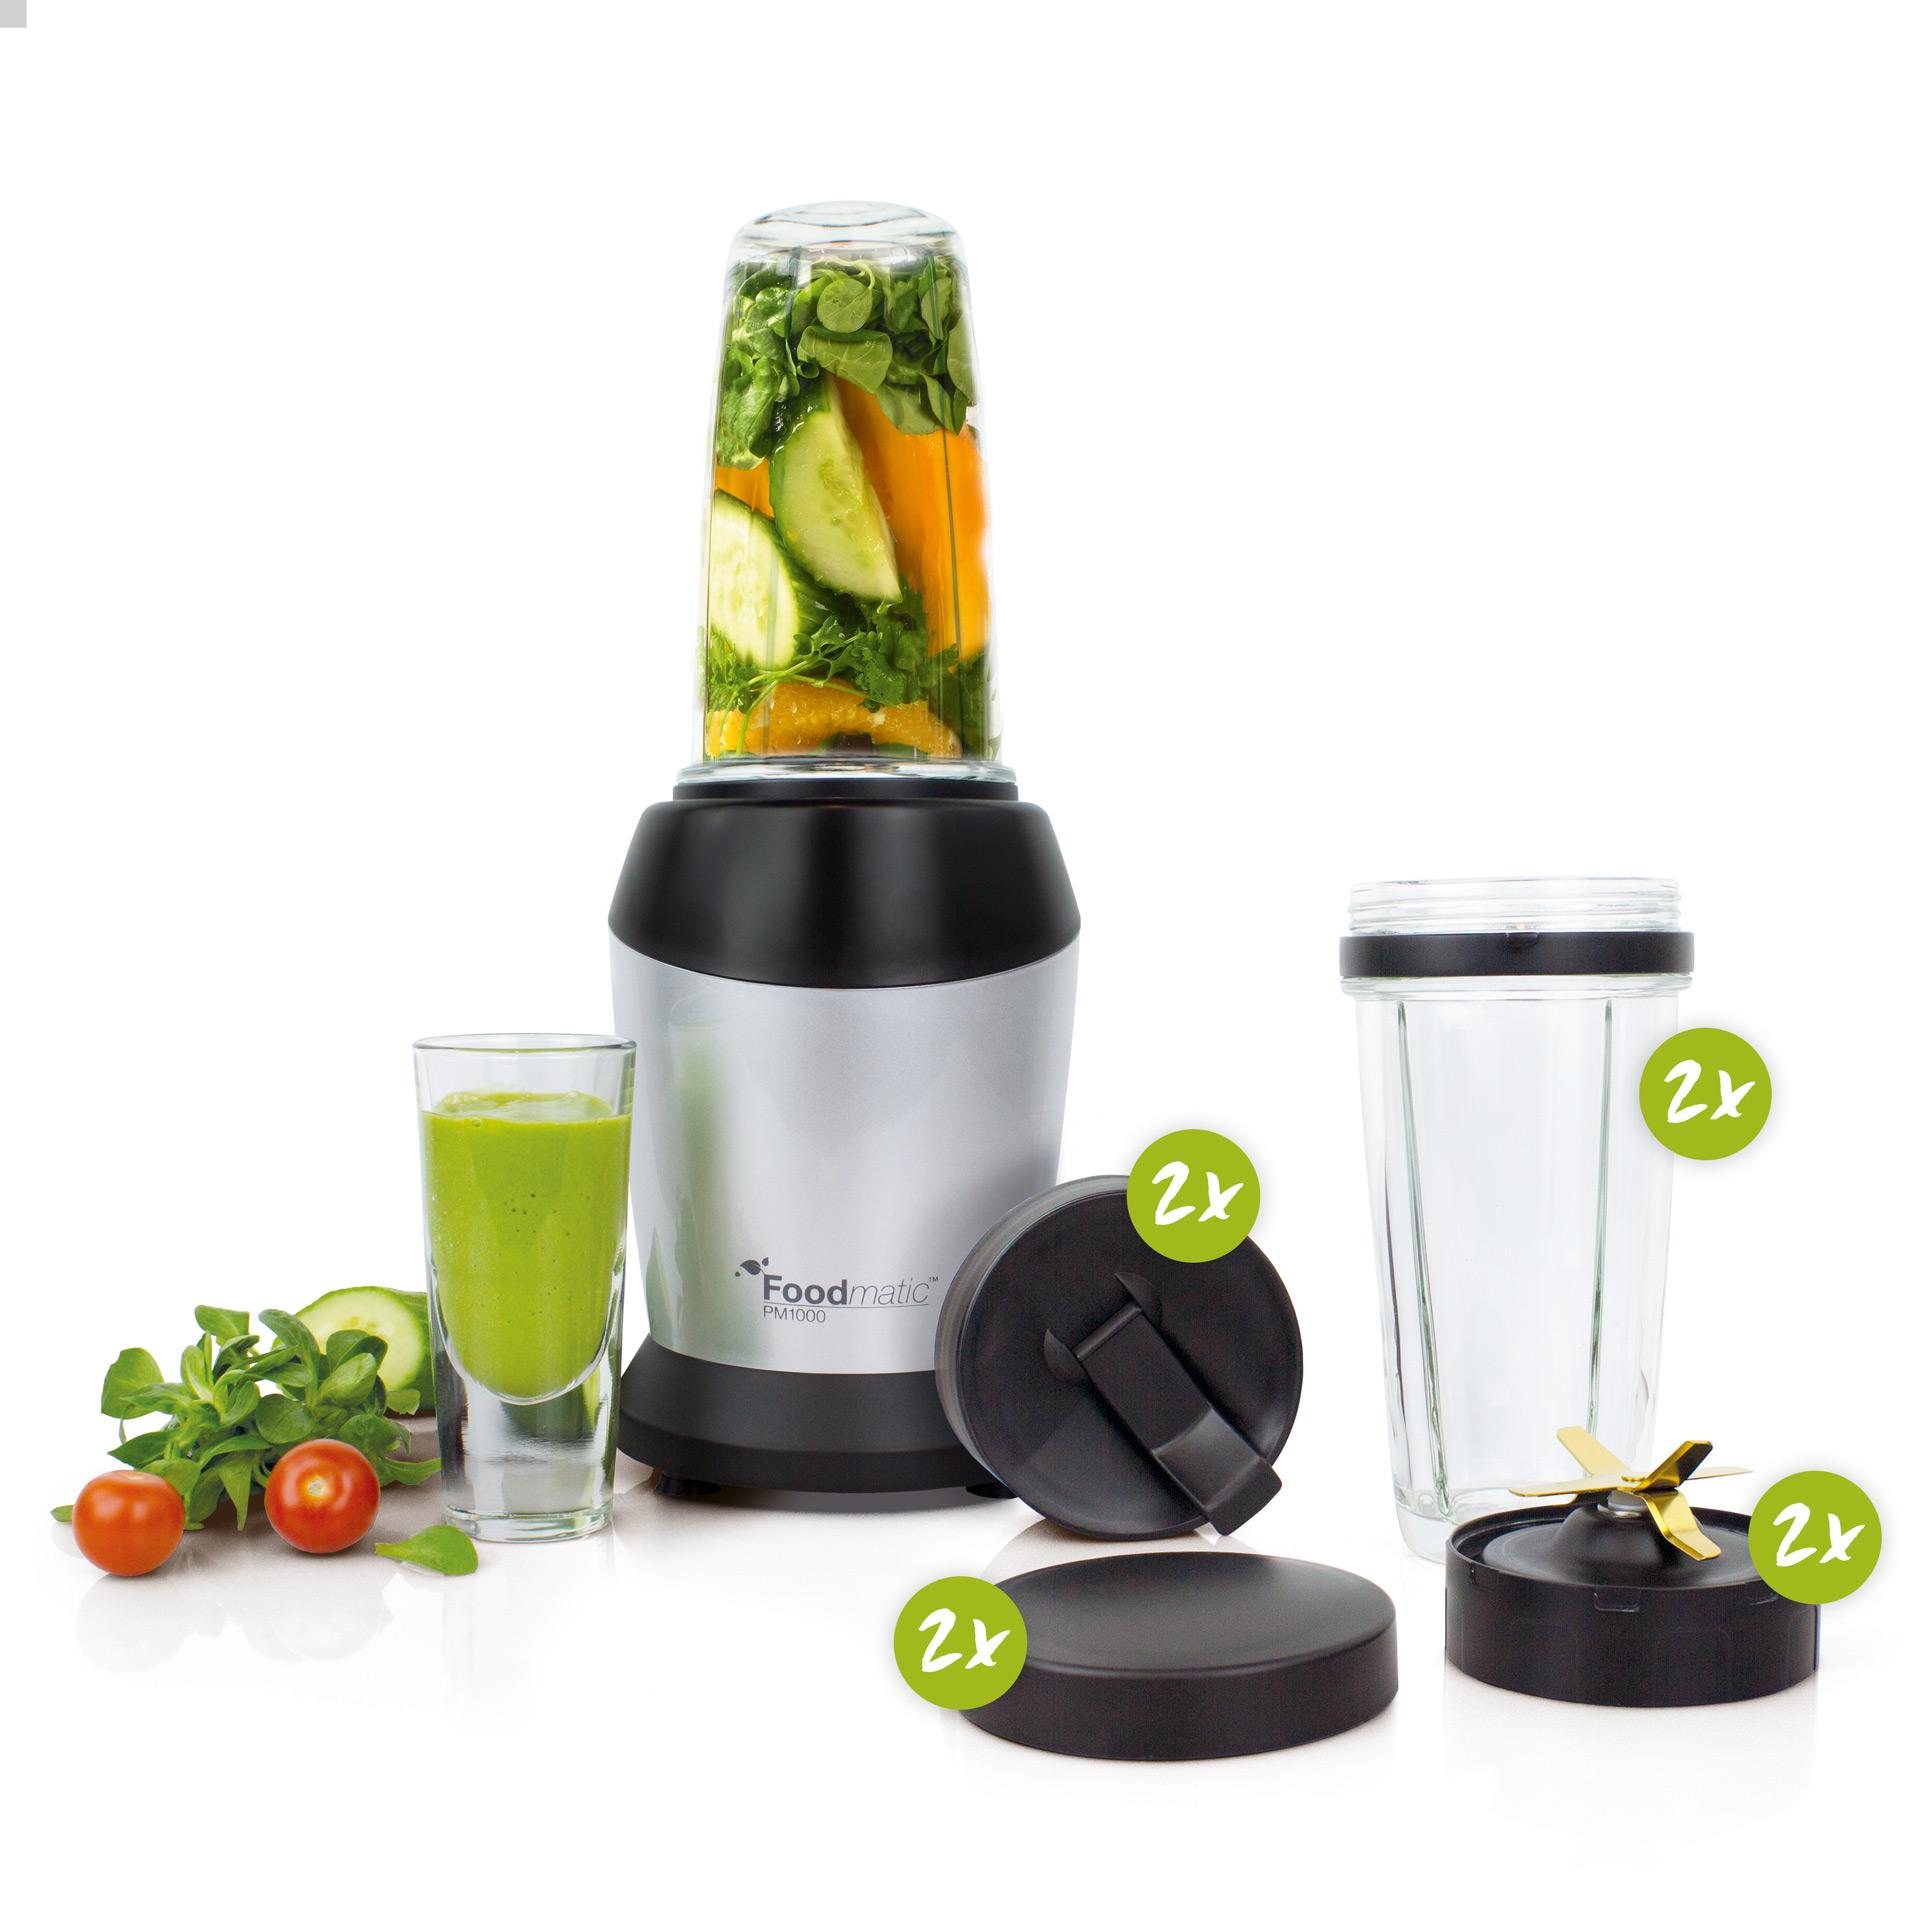 Foodmatic Personal Mixer PM1000G im XL Set: Messerblock, Deckel und Mixbehälter  in zweifacher Ausführung